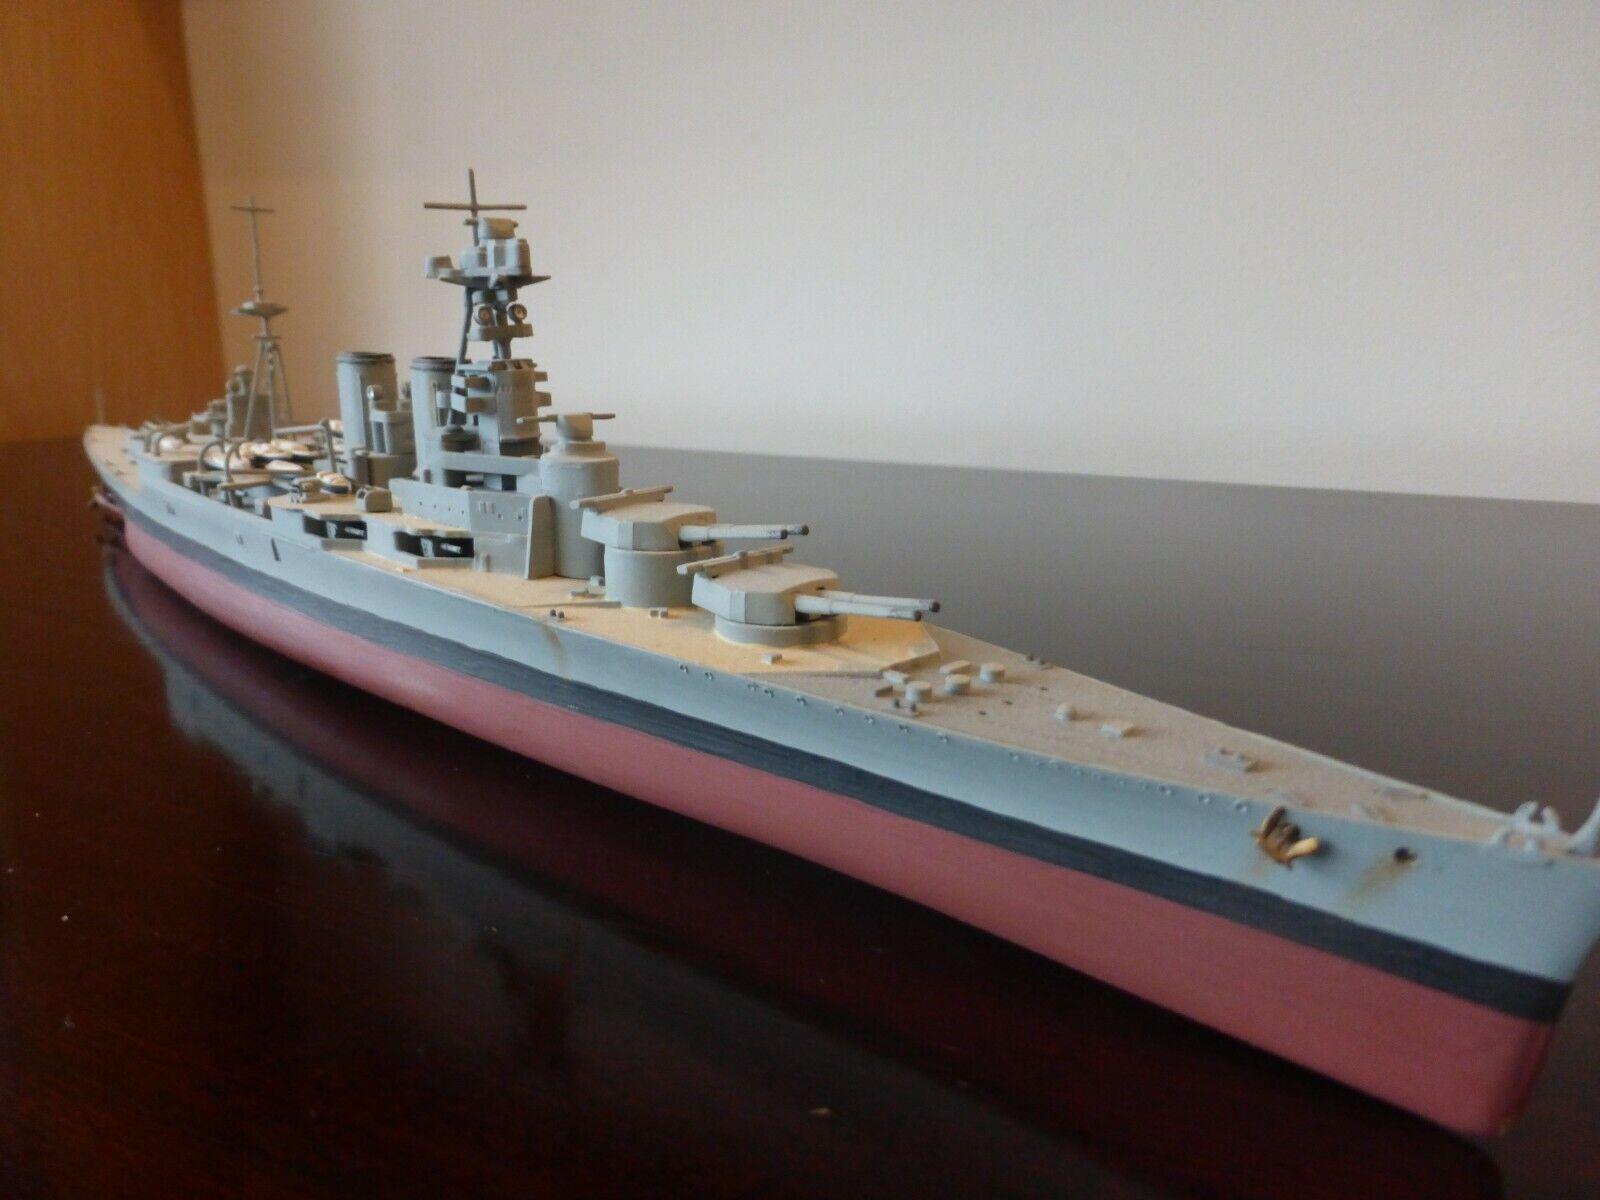 Airfix 1 600th Scale HMS HOOD - Built